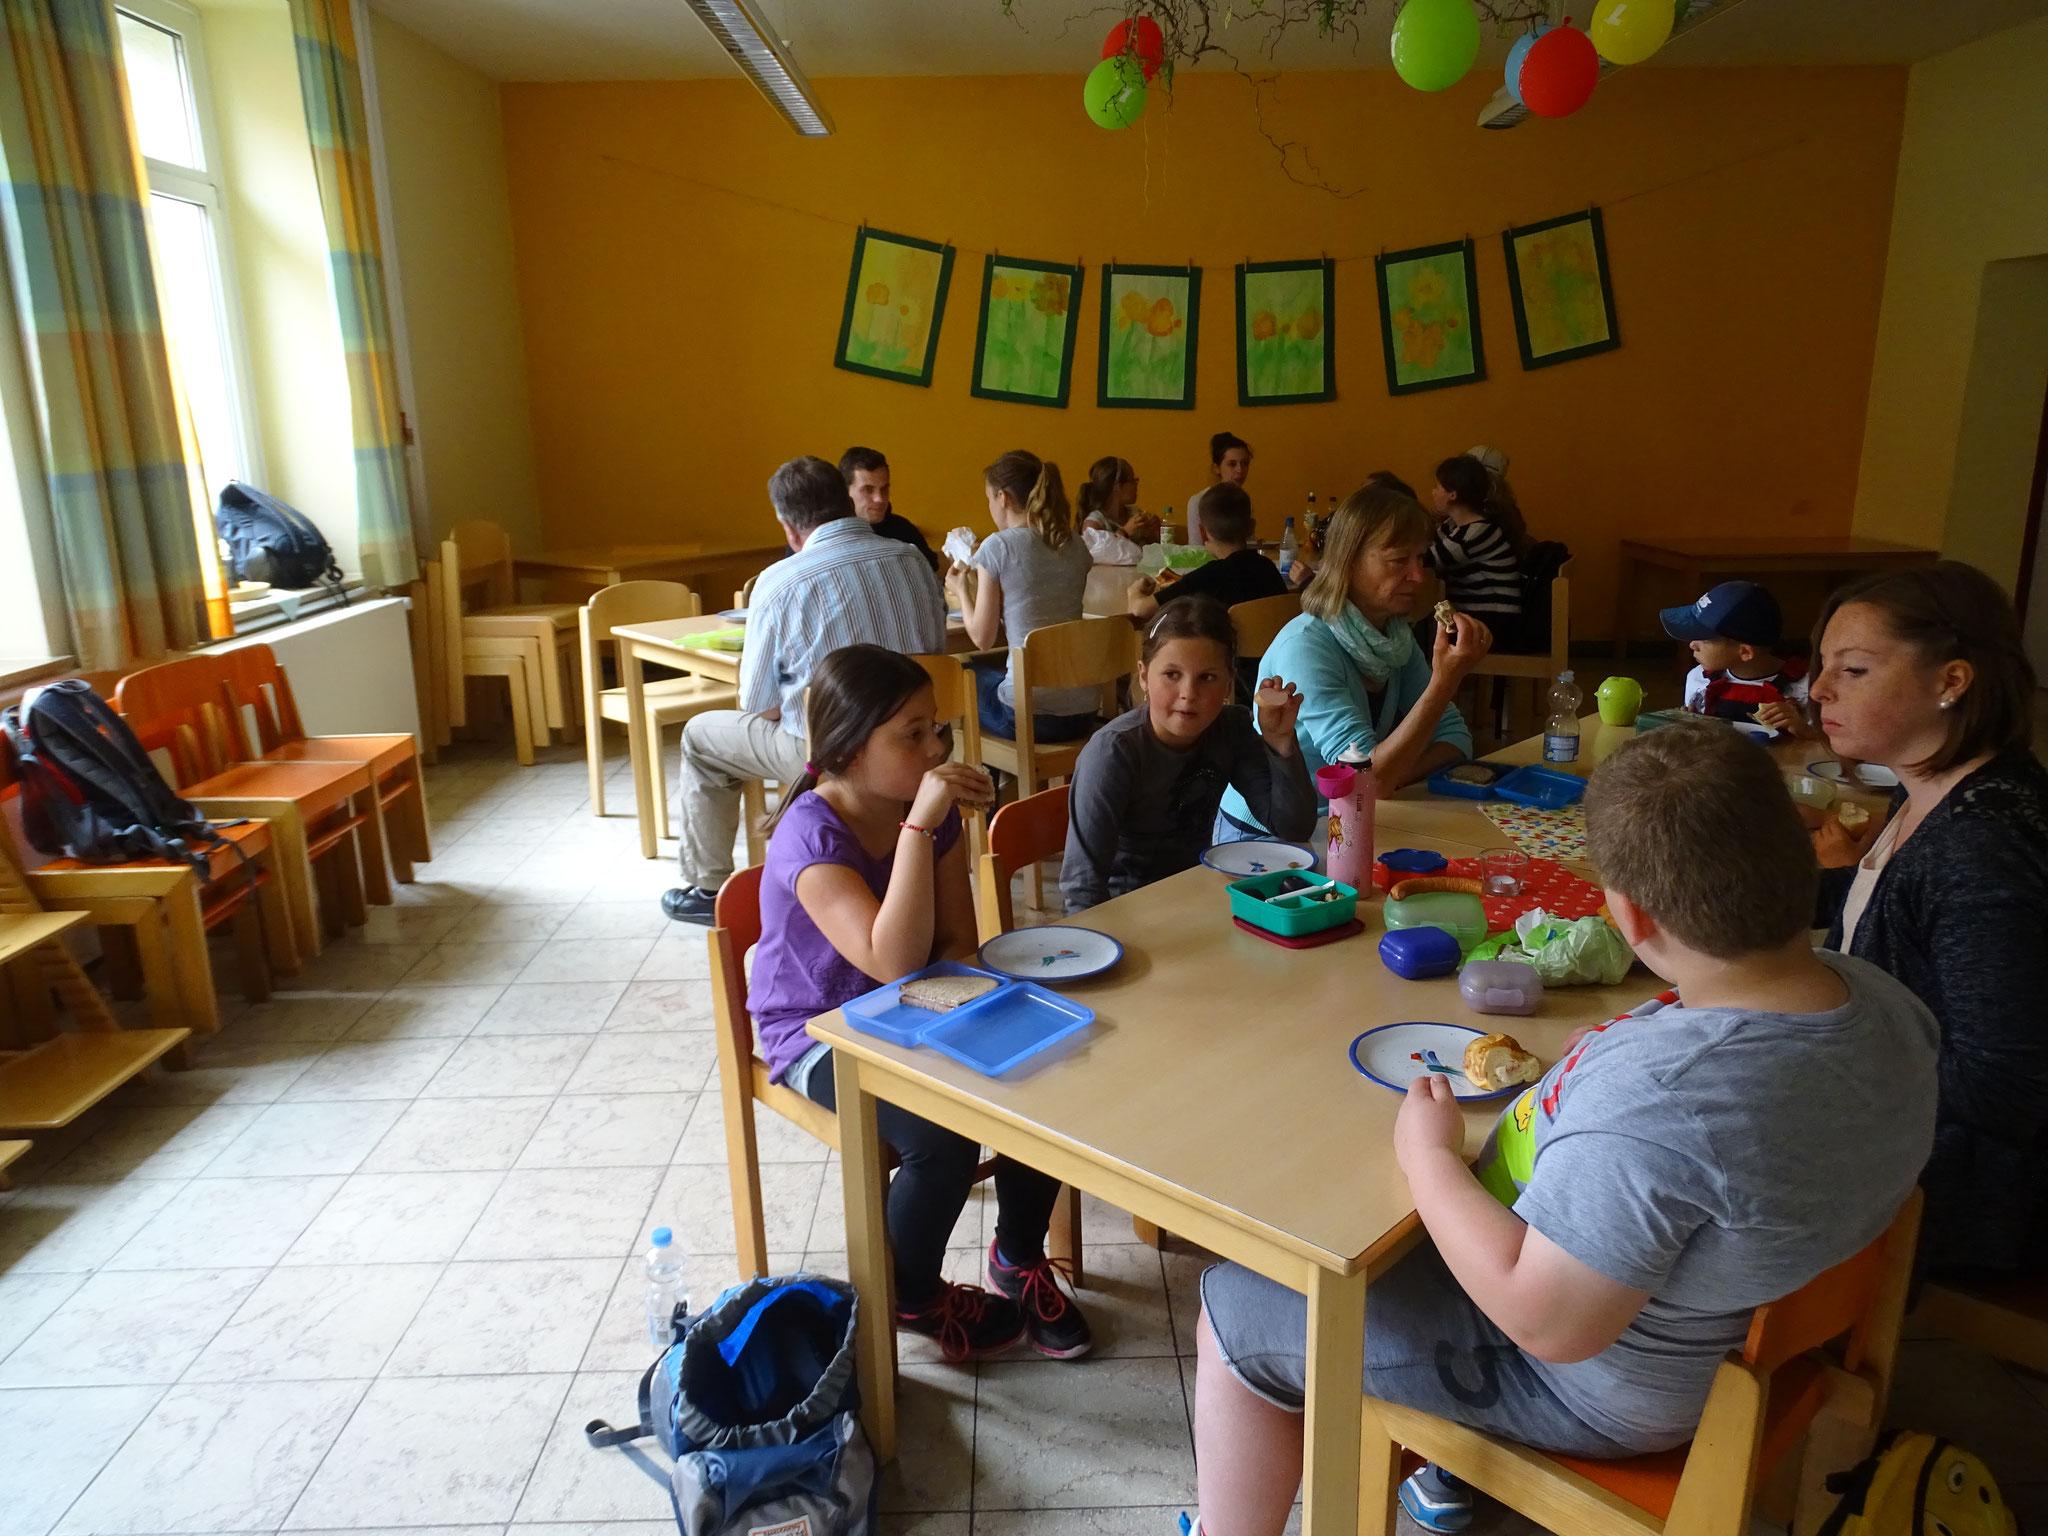 Ein gemeinsames Abendessen in der Lebenshilfe-Einrichtung in Ebern rundet den tollen Ausflug ab. Danke an alle Spender, die ihn ermöglicht haben!  :)